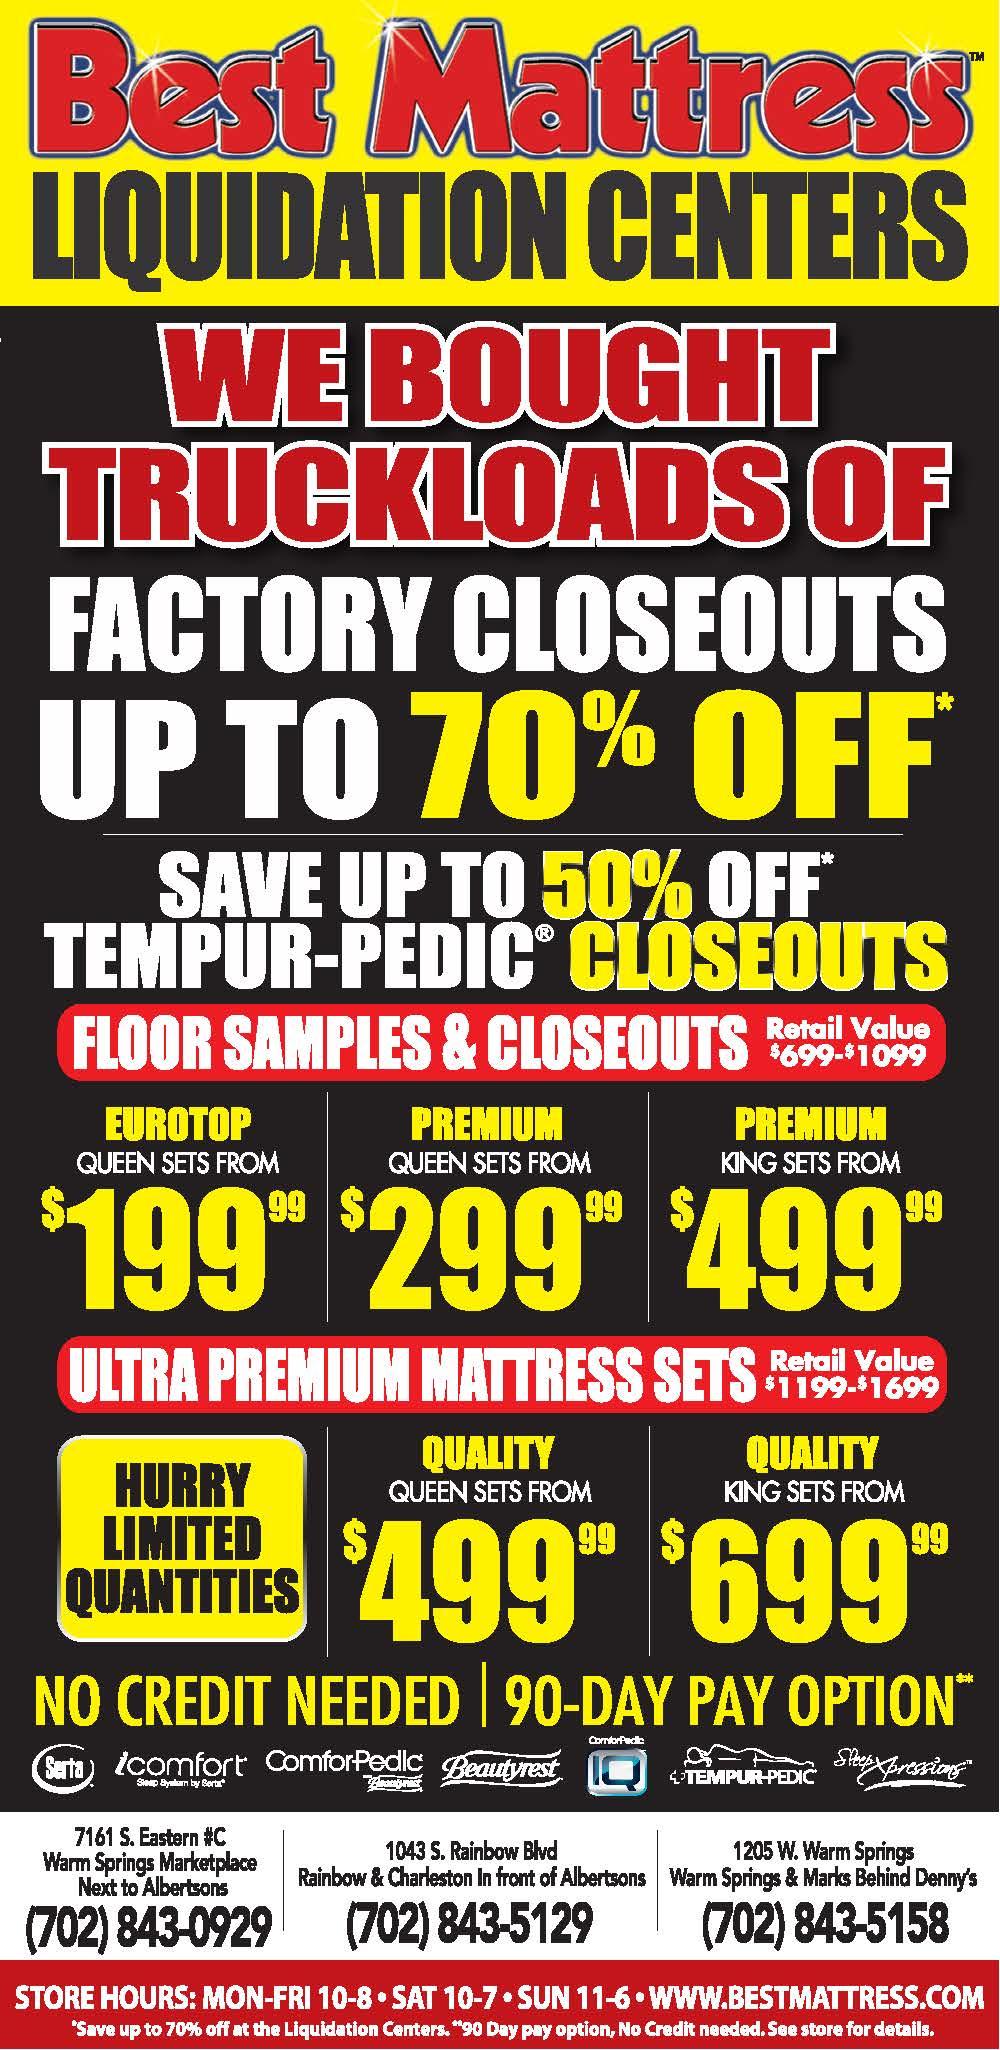 Best Mattress Liquidation Center Ad